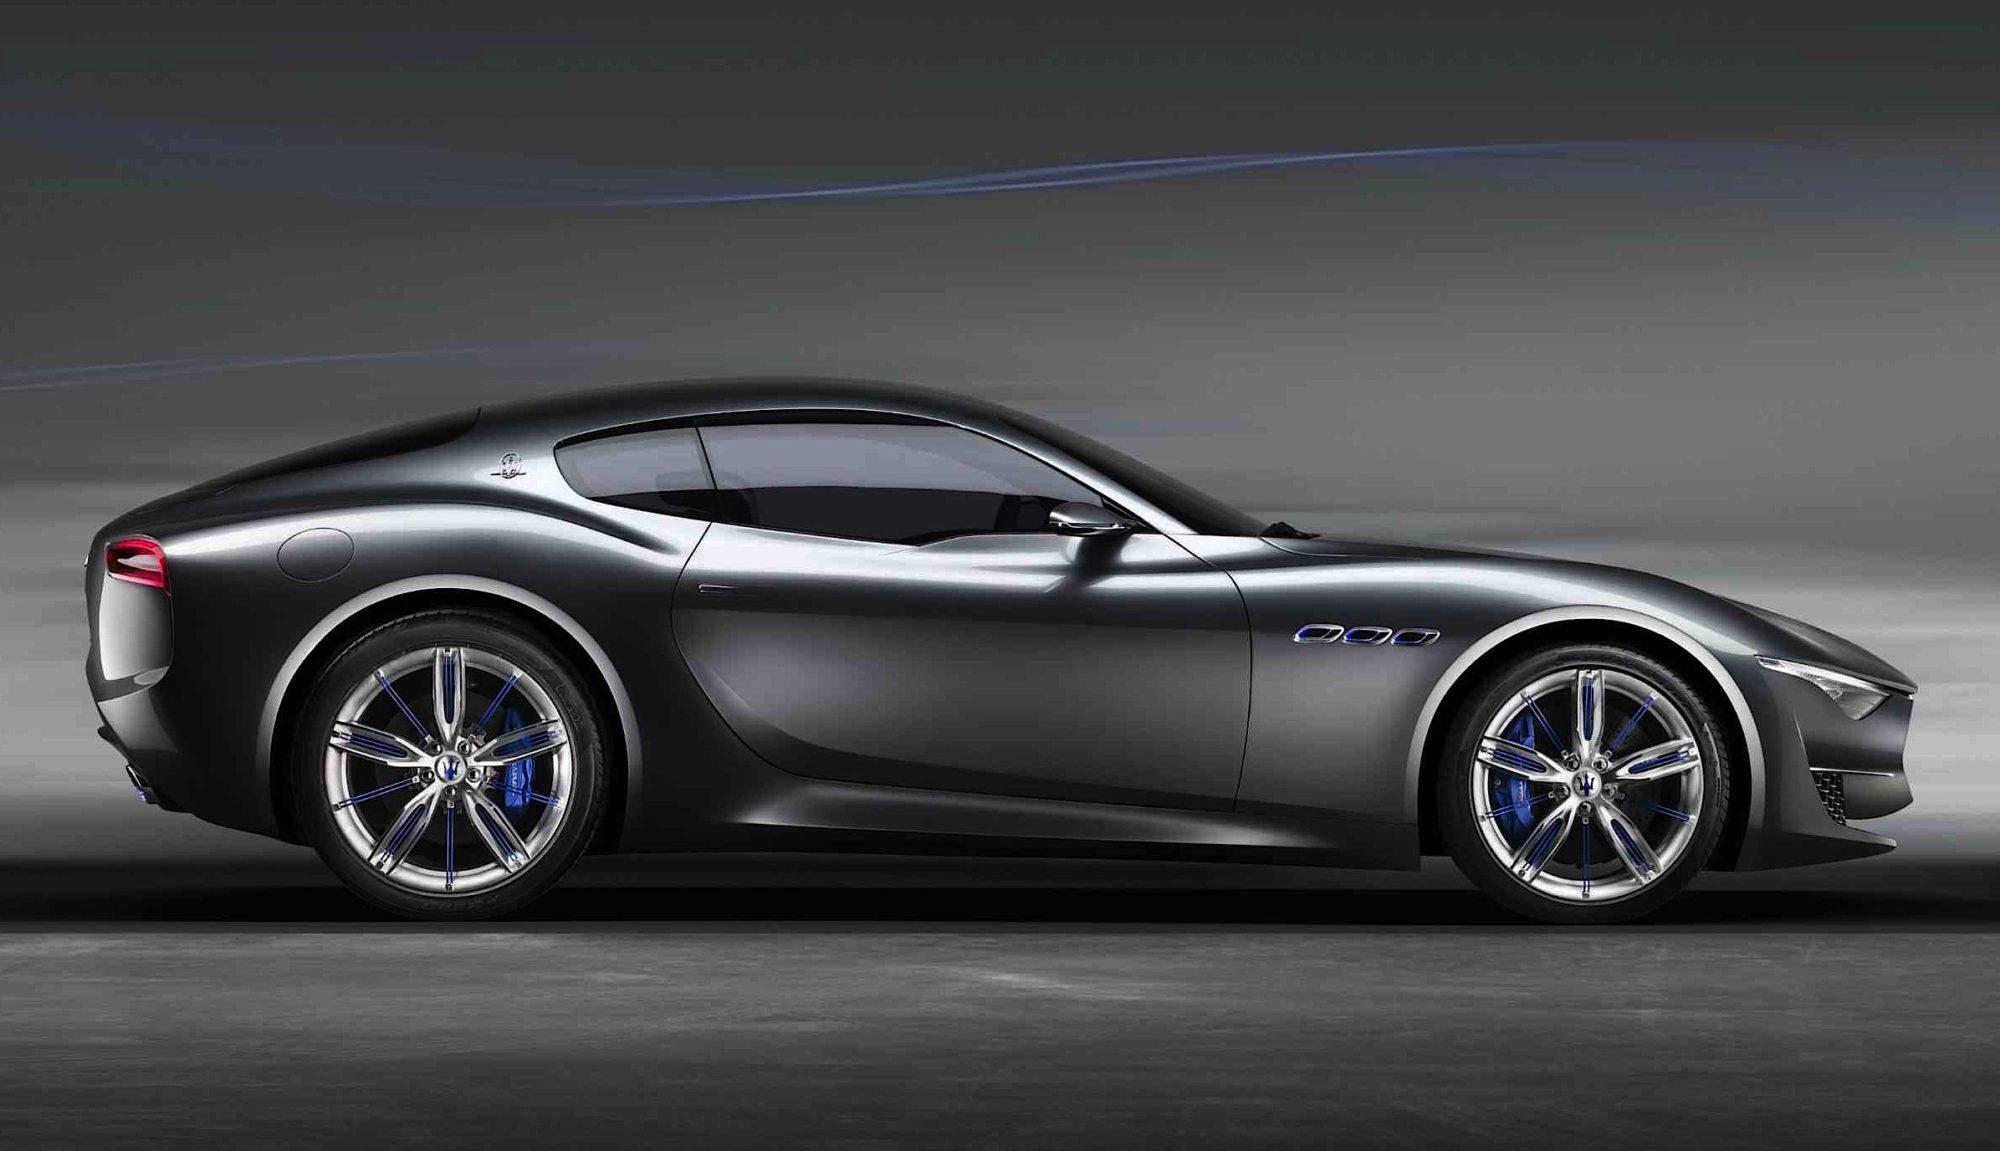 Maserati Alfieri News >> Maserati elettrica: Tridente elettrizzato e elettrizzante - MotorAge New Generation